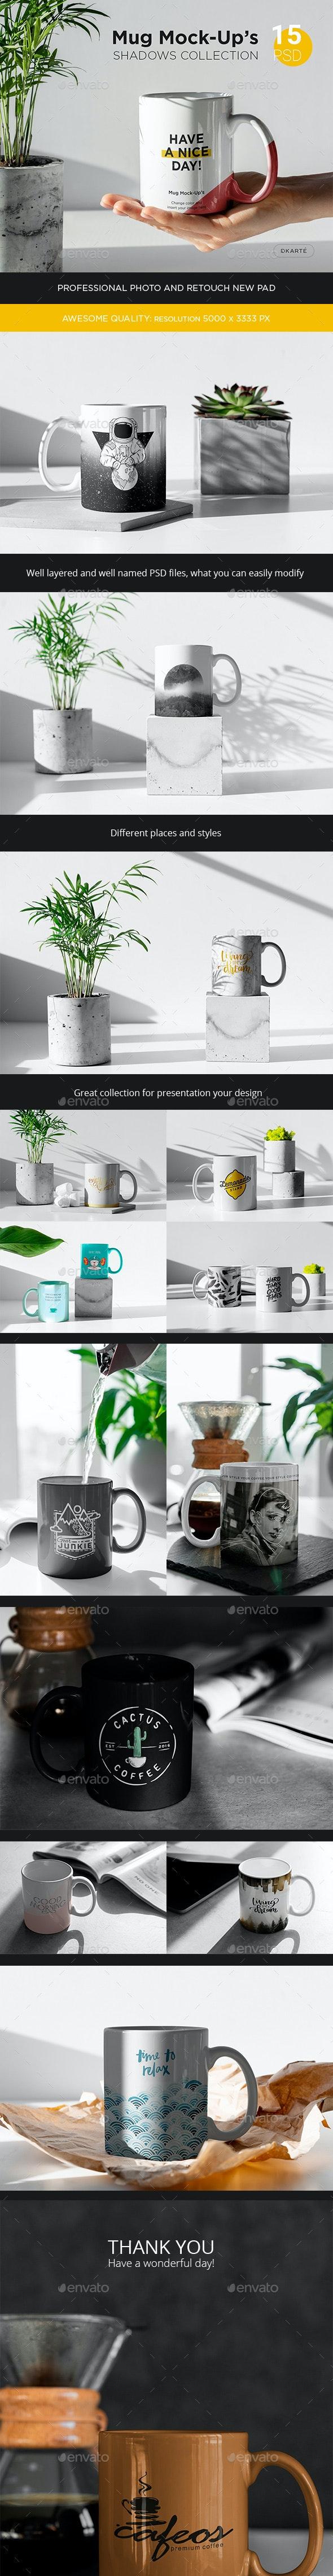 Mug Mock-Up's Shadows Collection - Product Mock-Ups Graphics